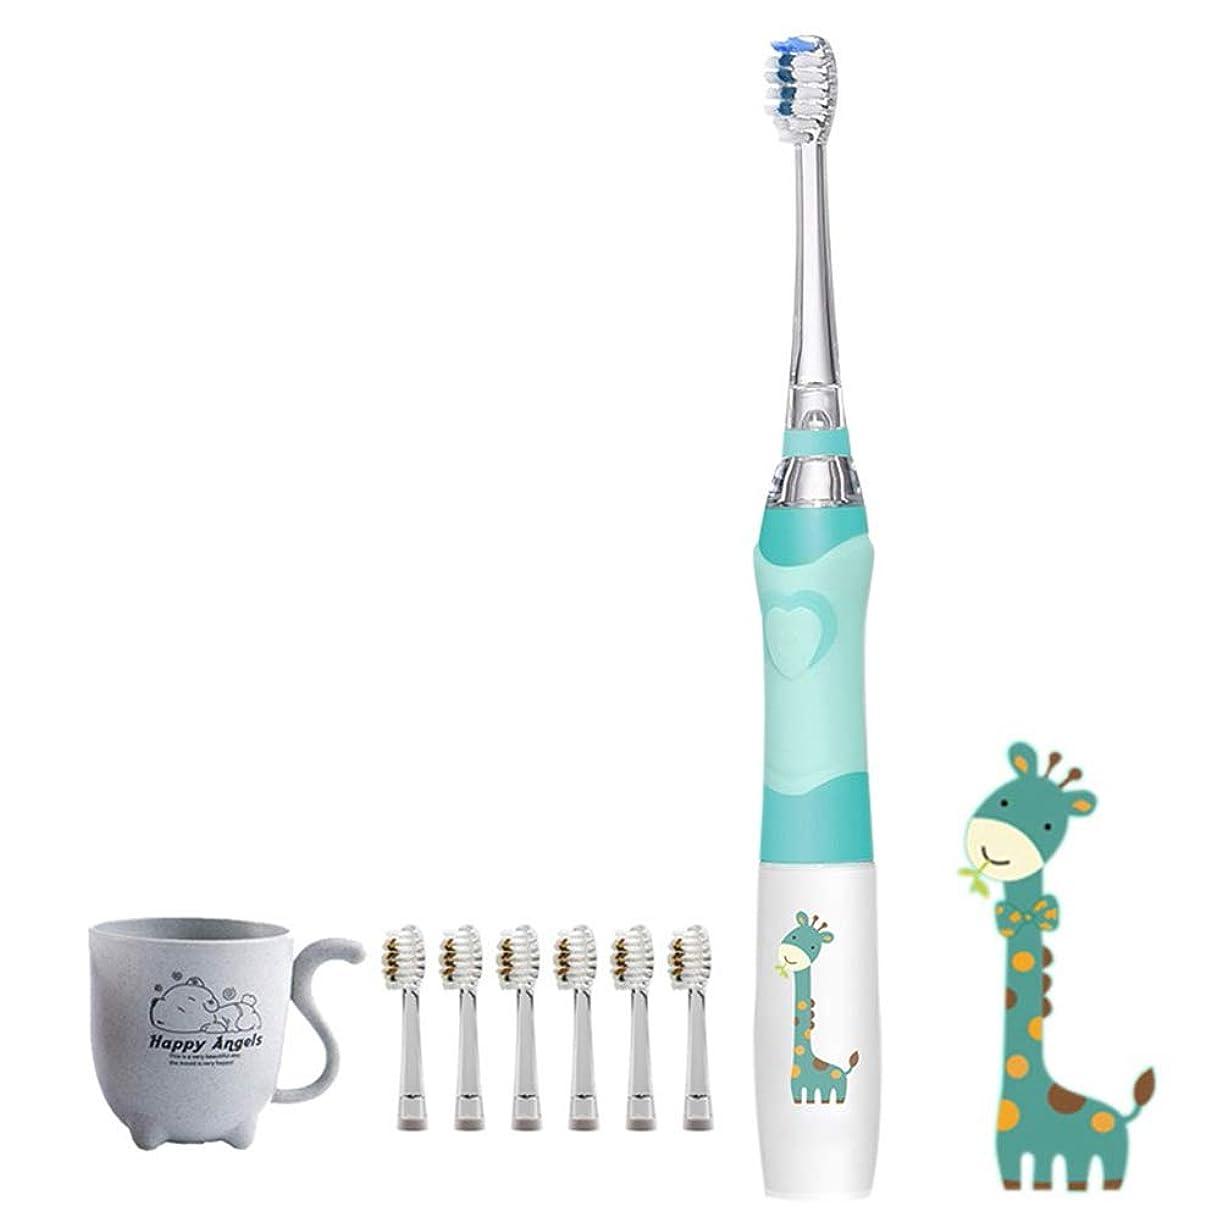 ホイスト質素な取り替えるLEDライト付き電動歯ブラシ6つの無料交換ブラシヘッド-1分あたり23000ストロークの高周波振動パワー歯ブラシ-防水